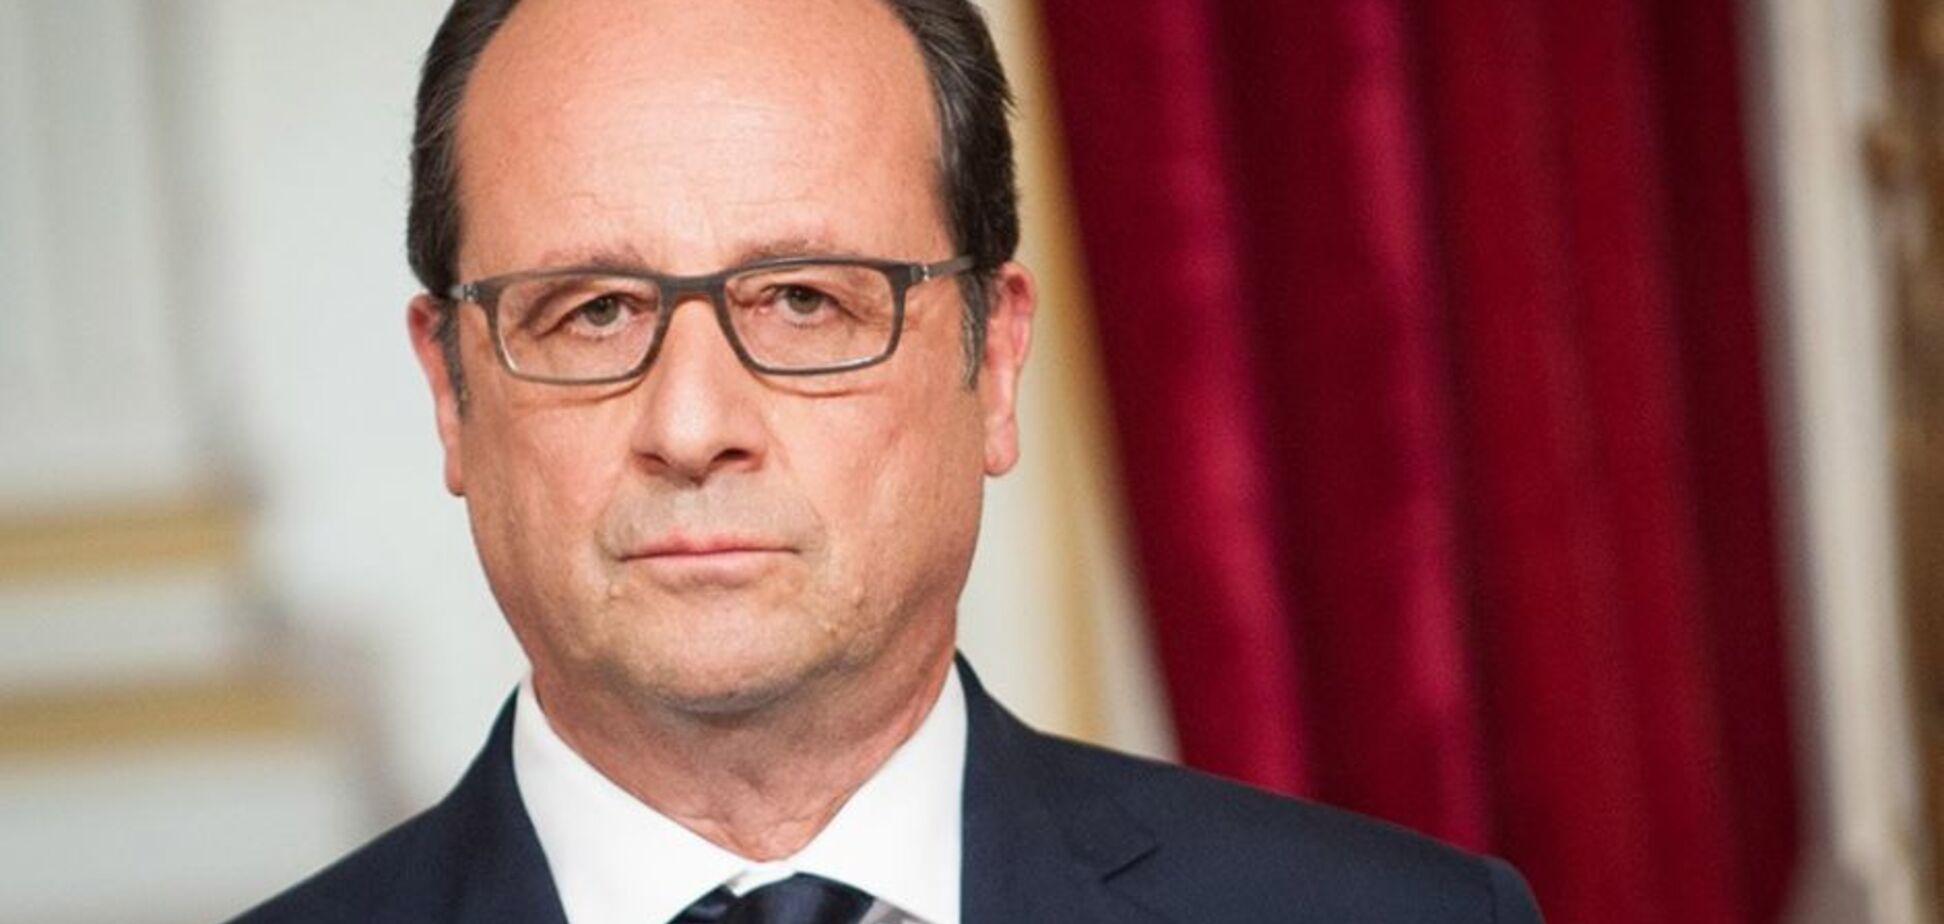 Шоколадный порохобот: Олланд продался за рошенки